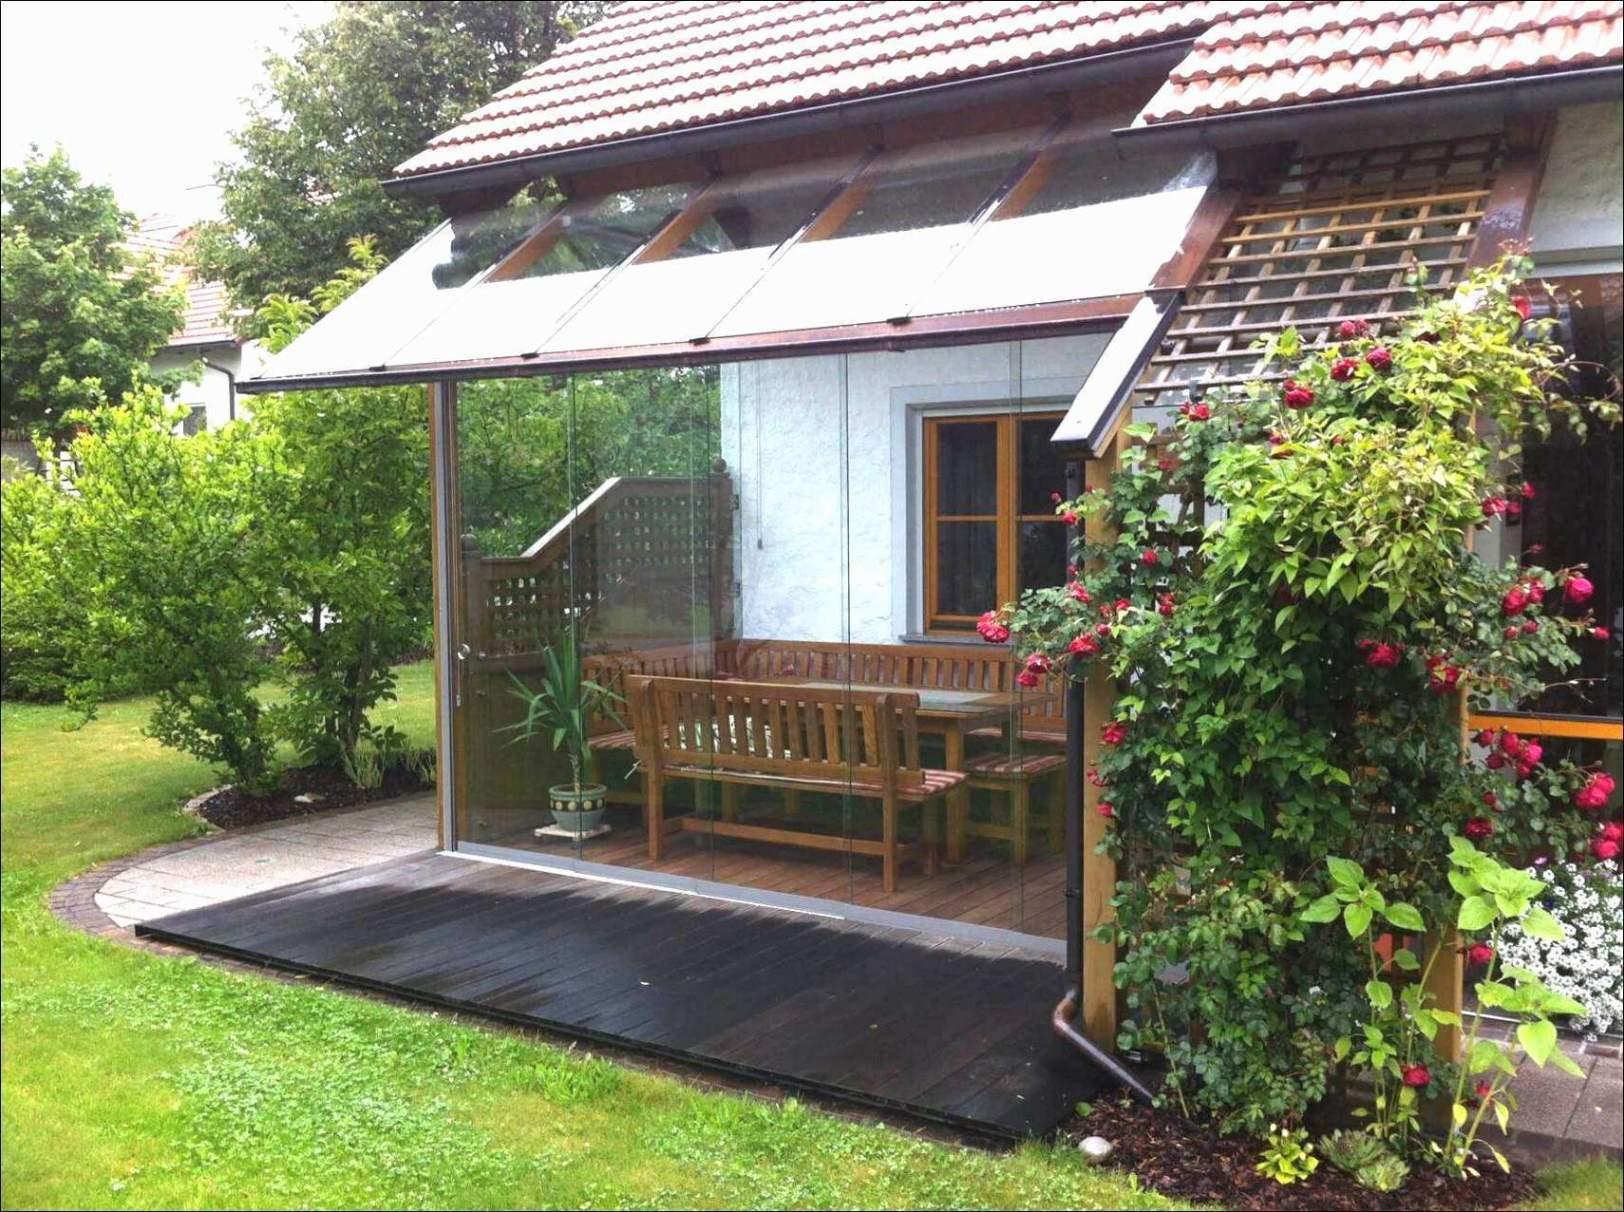 balkon wintergarten selber bauen bildnis elegant beste von was kleiner wintergarten ideen kleiner wintergarten ideen